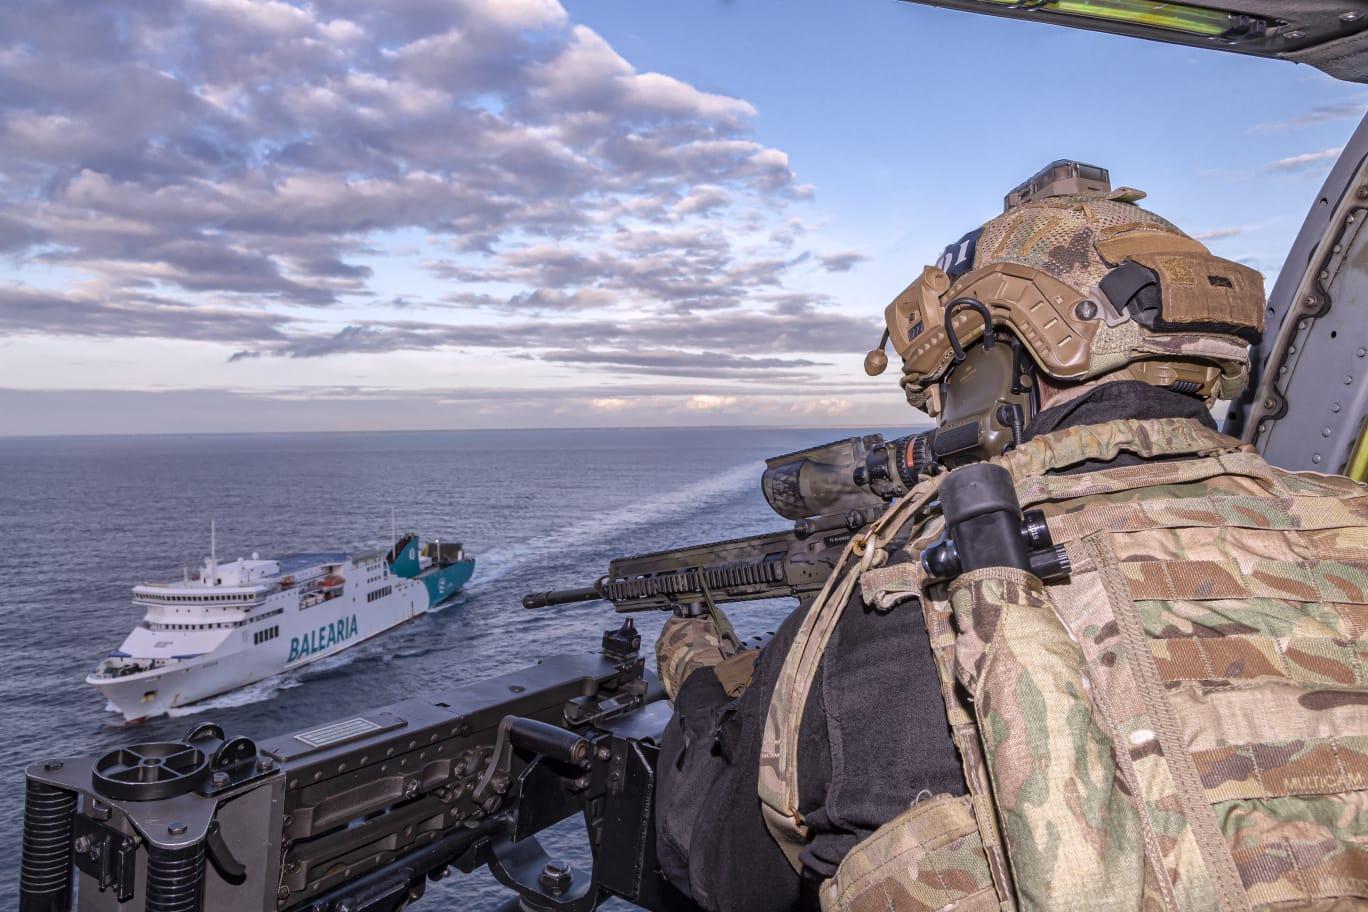 La Fuerza de Guerra Naval Especial realiza un ejercicio de asalto y rescate de rehenes con la colaboración de un buque de la naviera Balearia